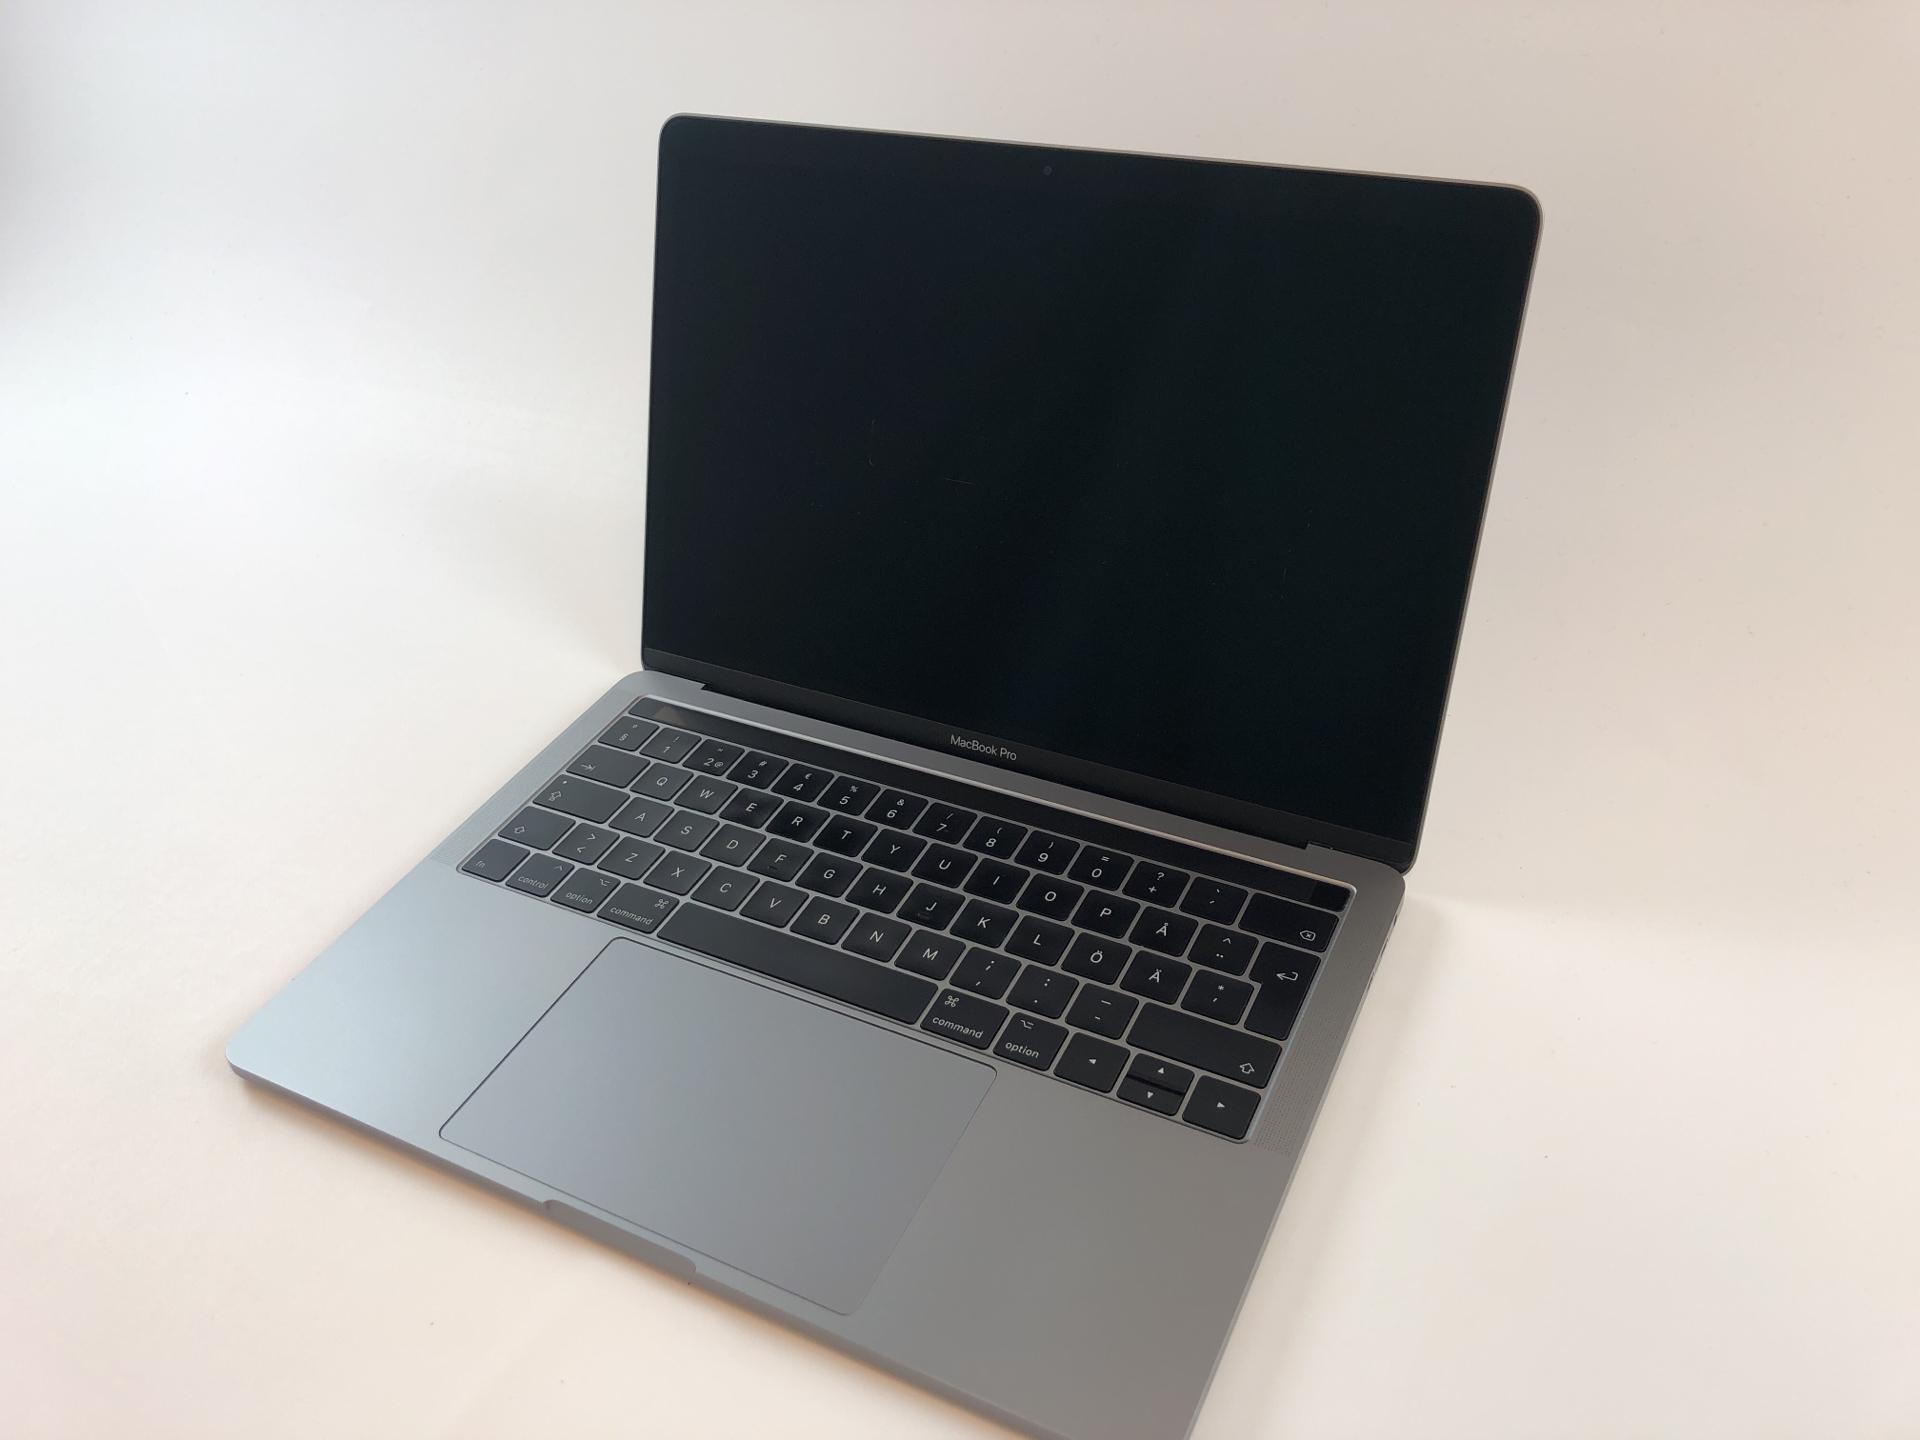 """MacBook Pro 13"""" 4TBT Mid 2017 (Intel Core i7 3.5 GHz 16 GB RAM 256 GB SSD), Space Gray, Intel Core i7 3.5 GHz, 16 GB RAM, 256 GB SSD, bild 1"""